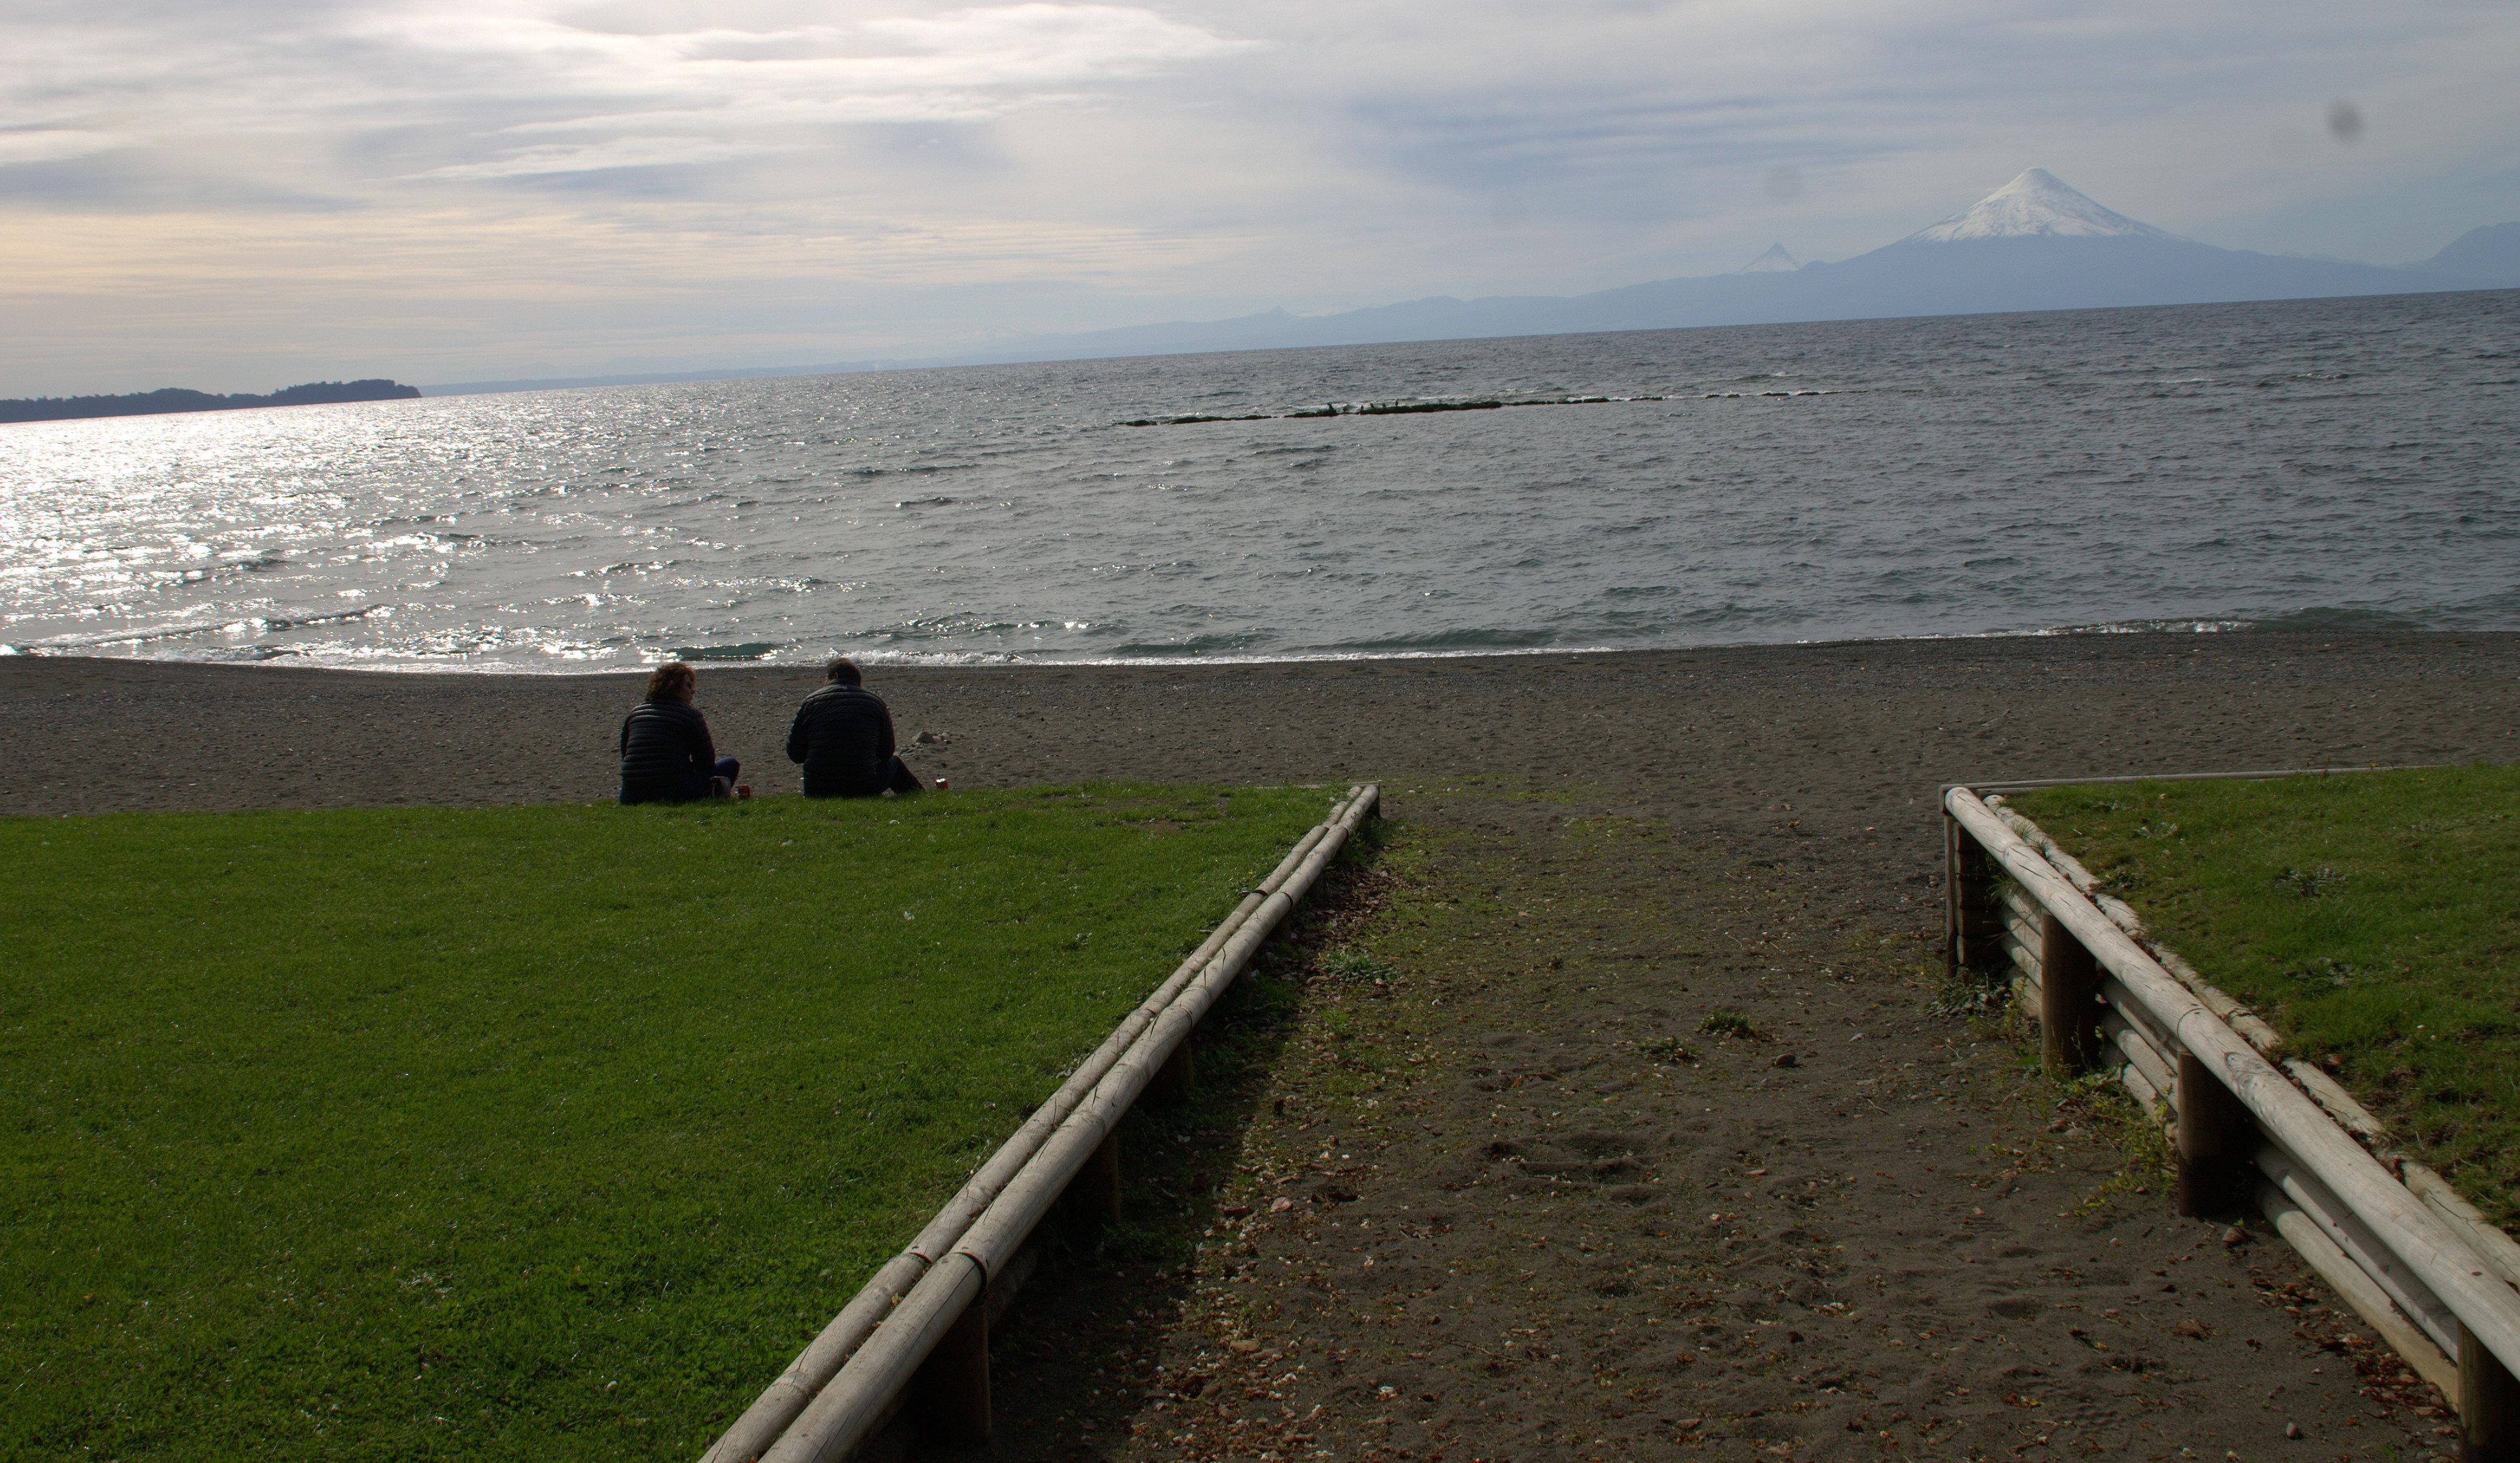 aporvechando la tarde en el Lago